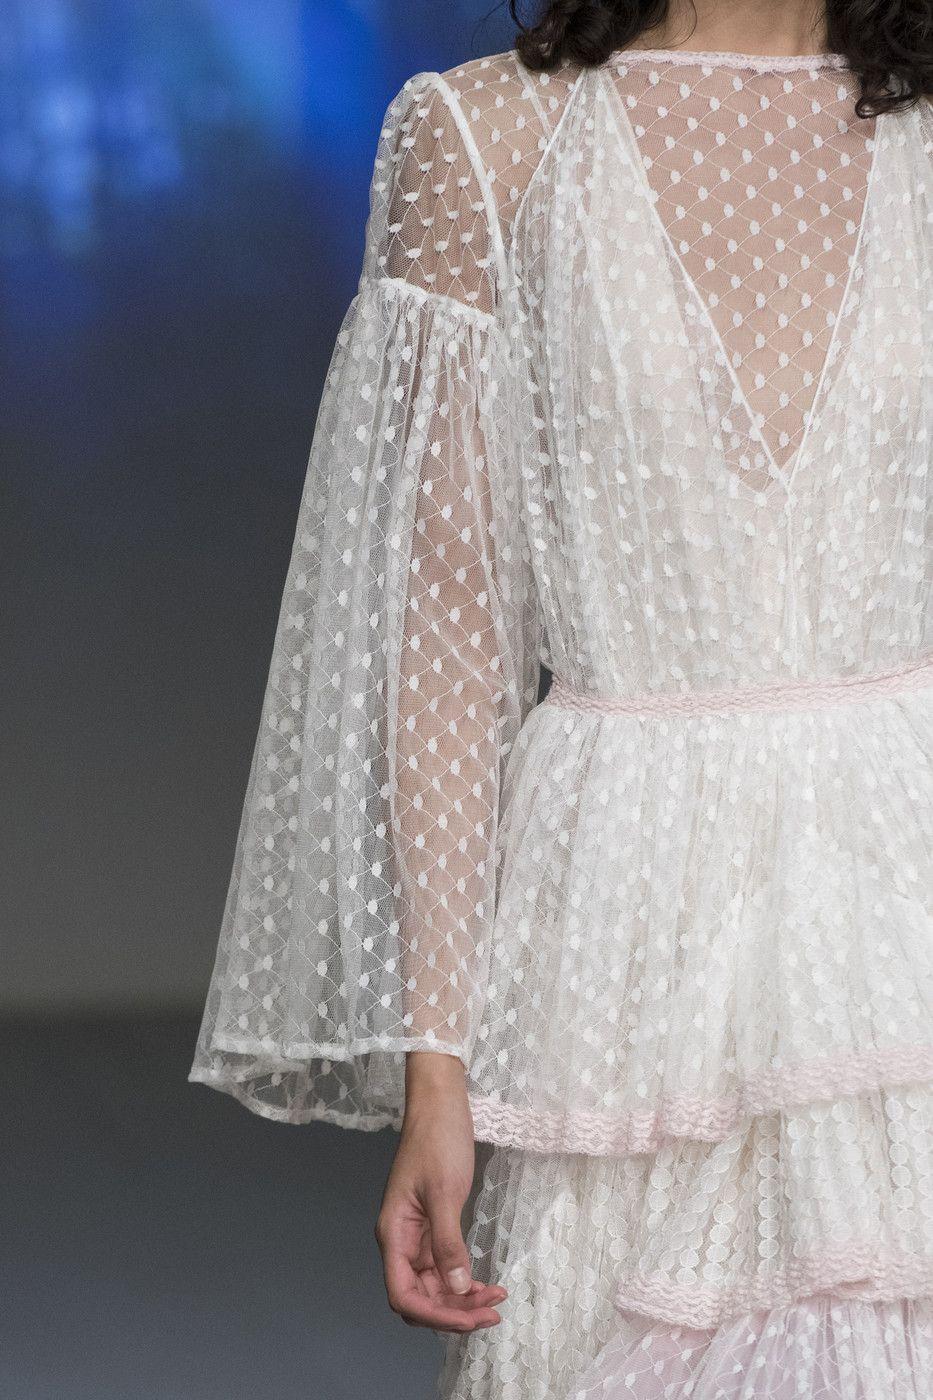 aacac9ad128 Bora Aksu at London Fashion Week Spring 2019 - Livingly